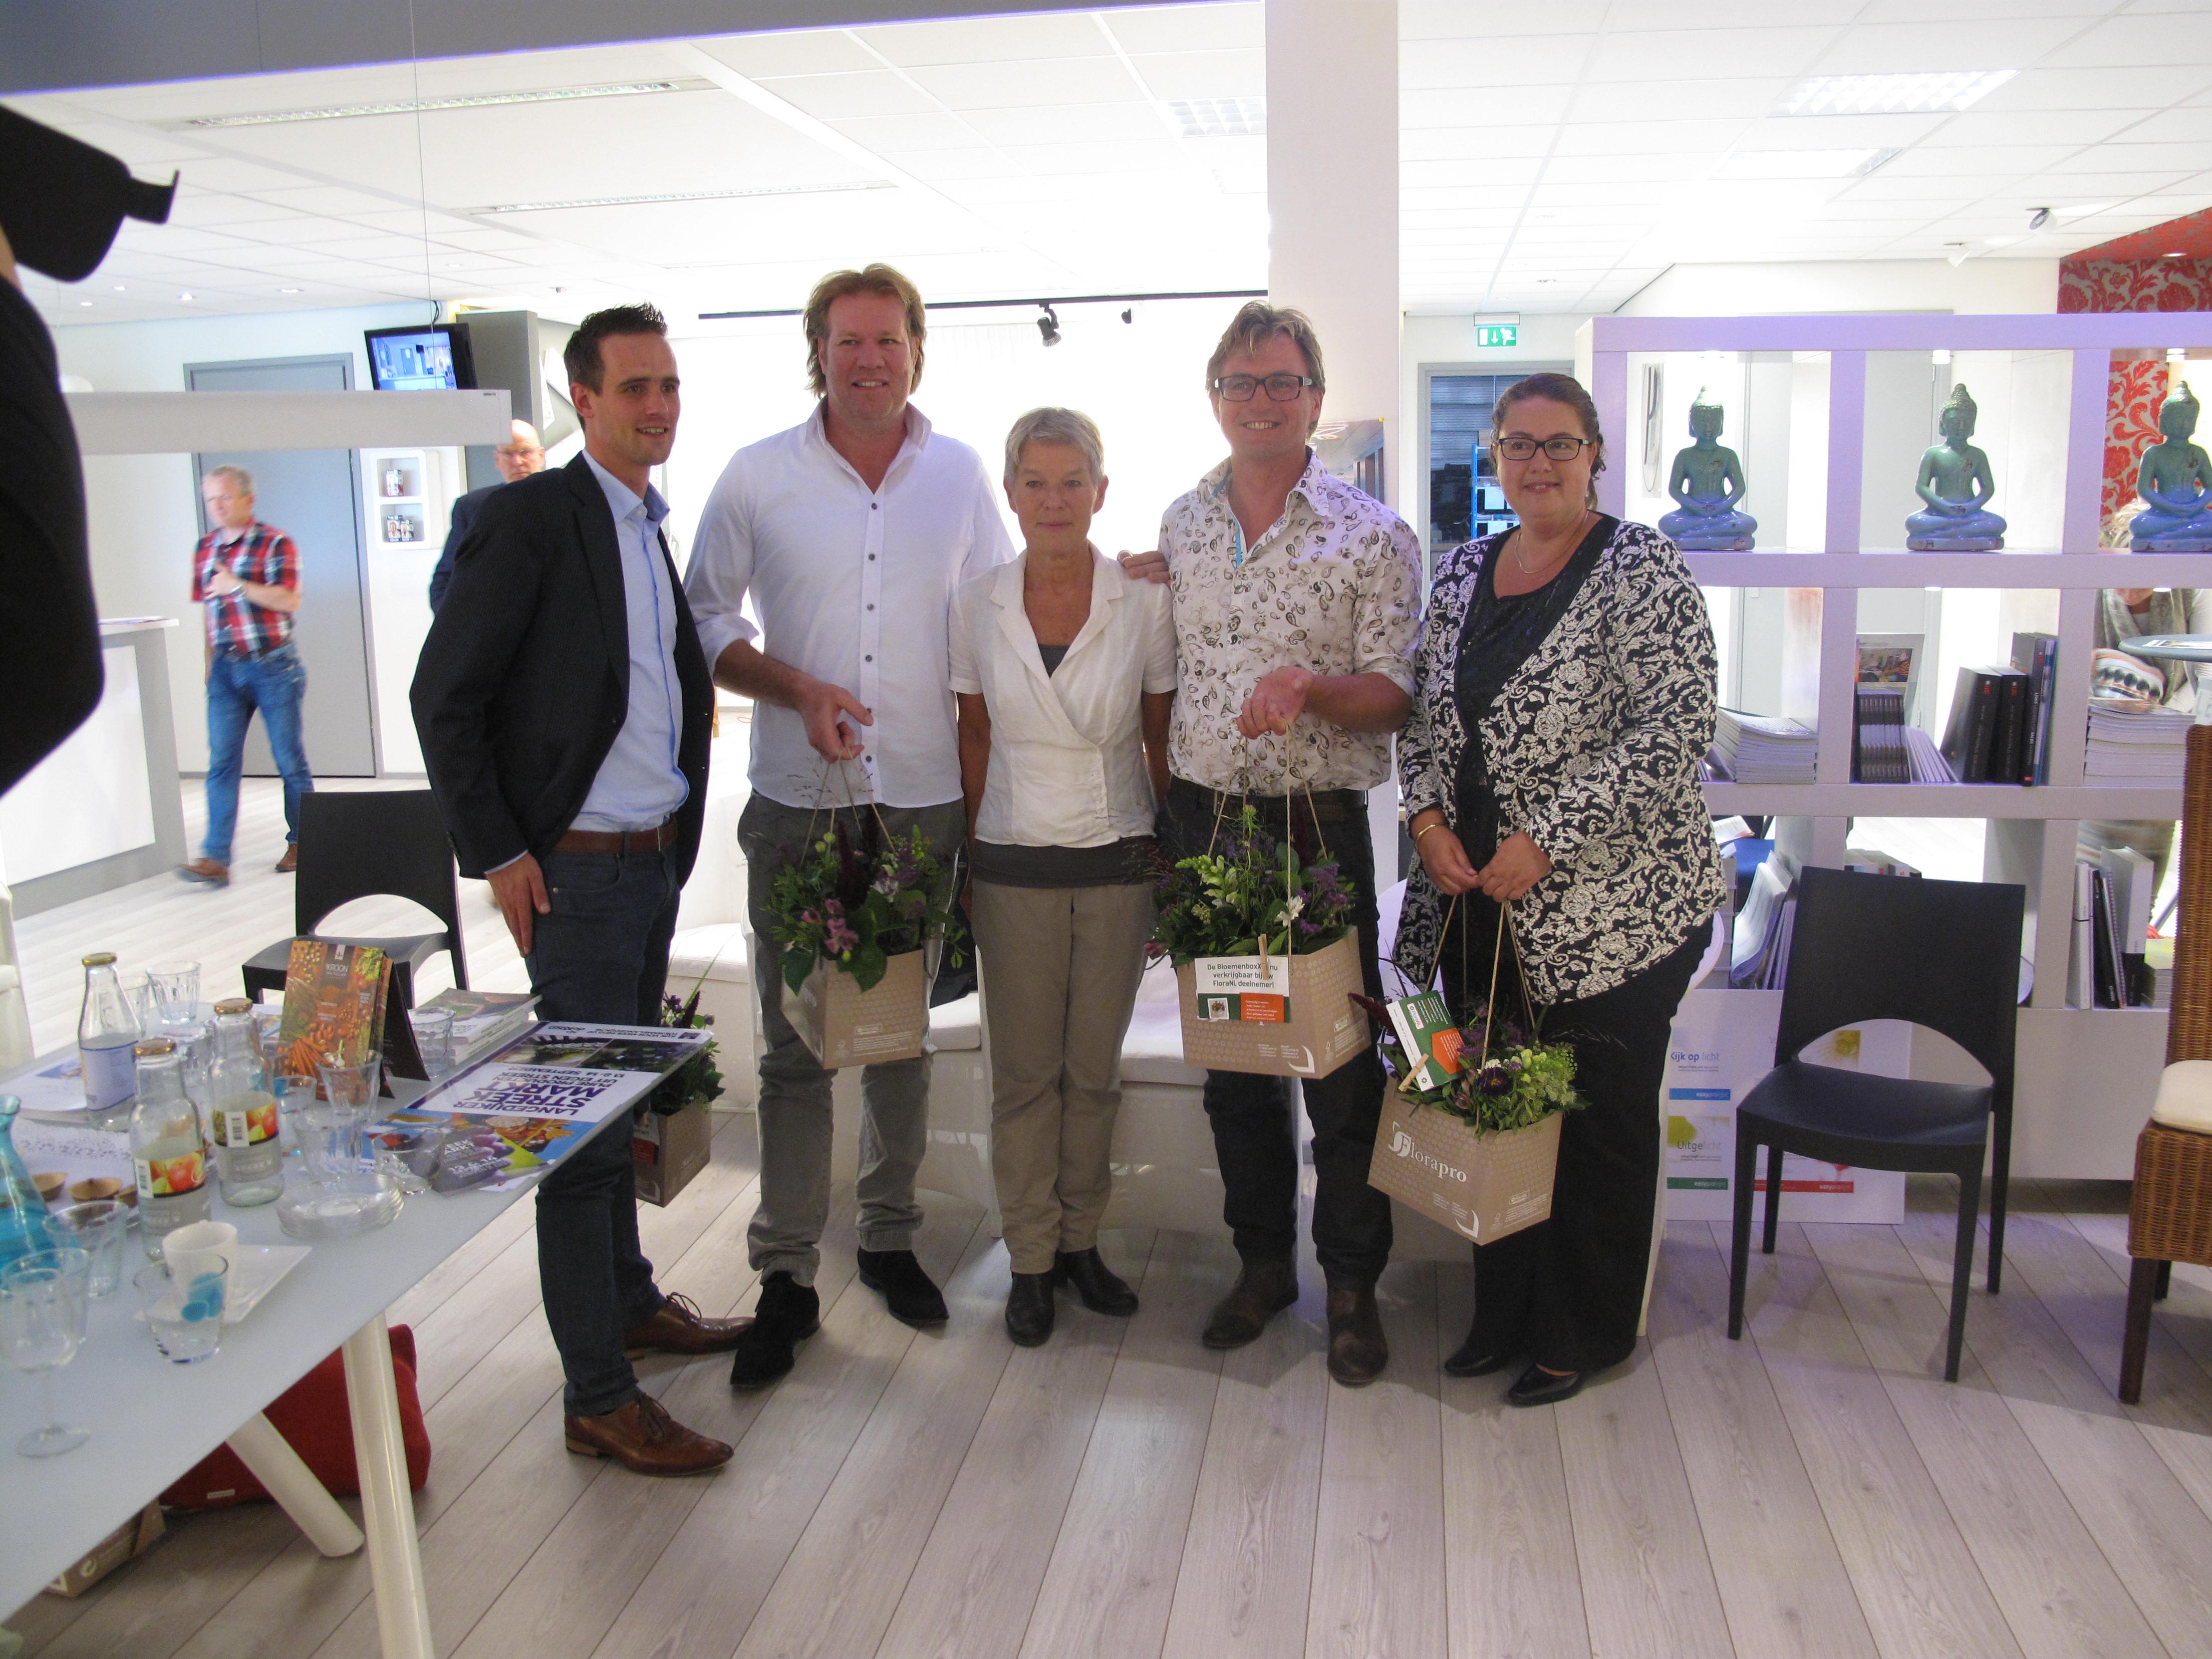 Inspirerend Breekland Café over duurzame innovatie